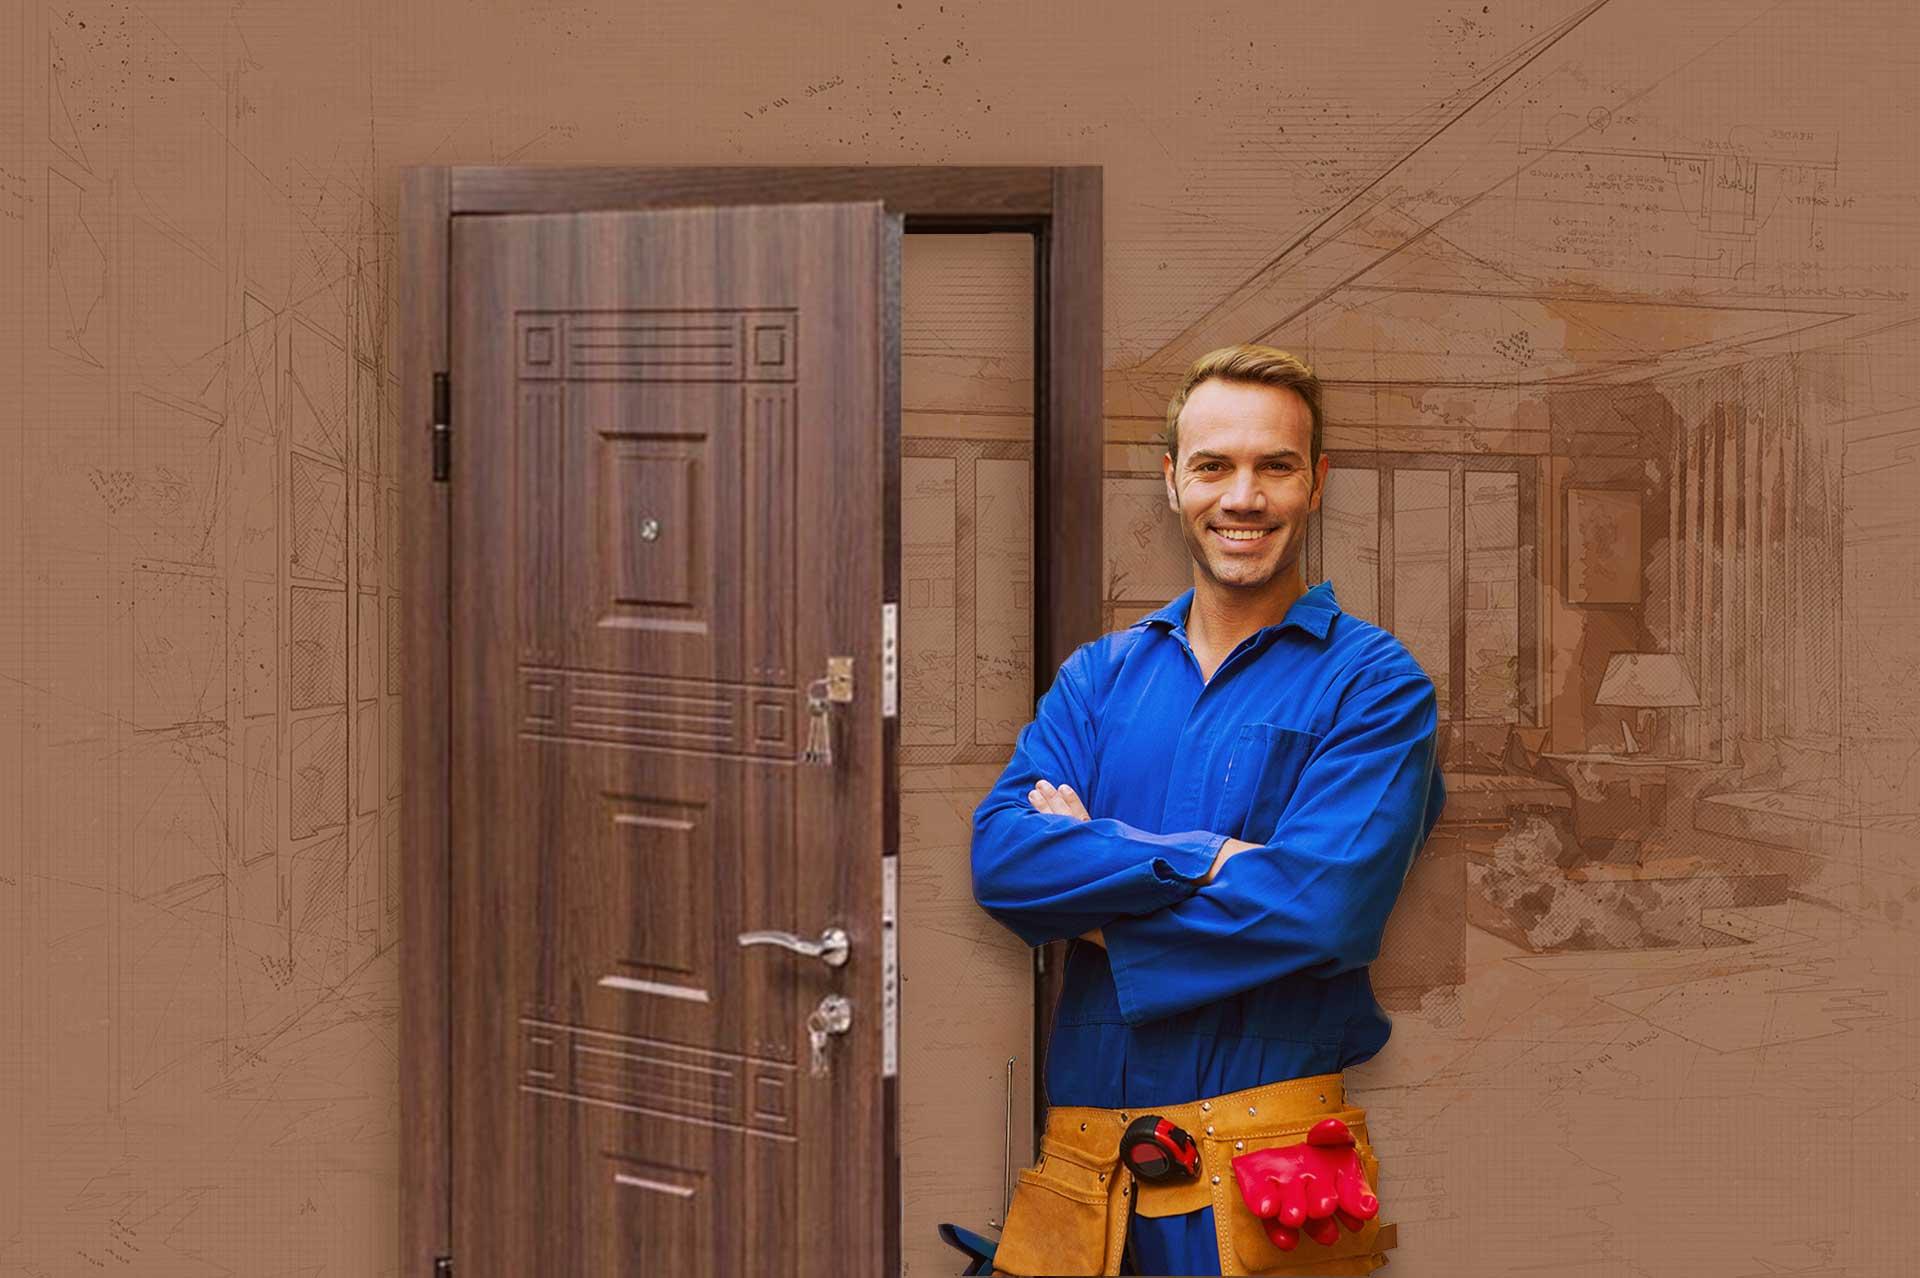 картинки ремонта дверей обручальное